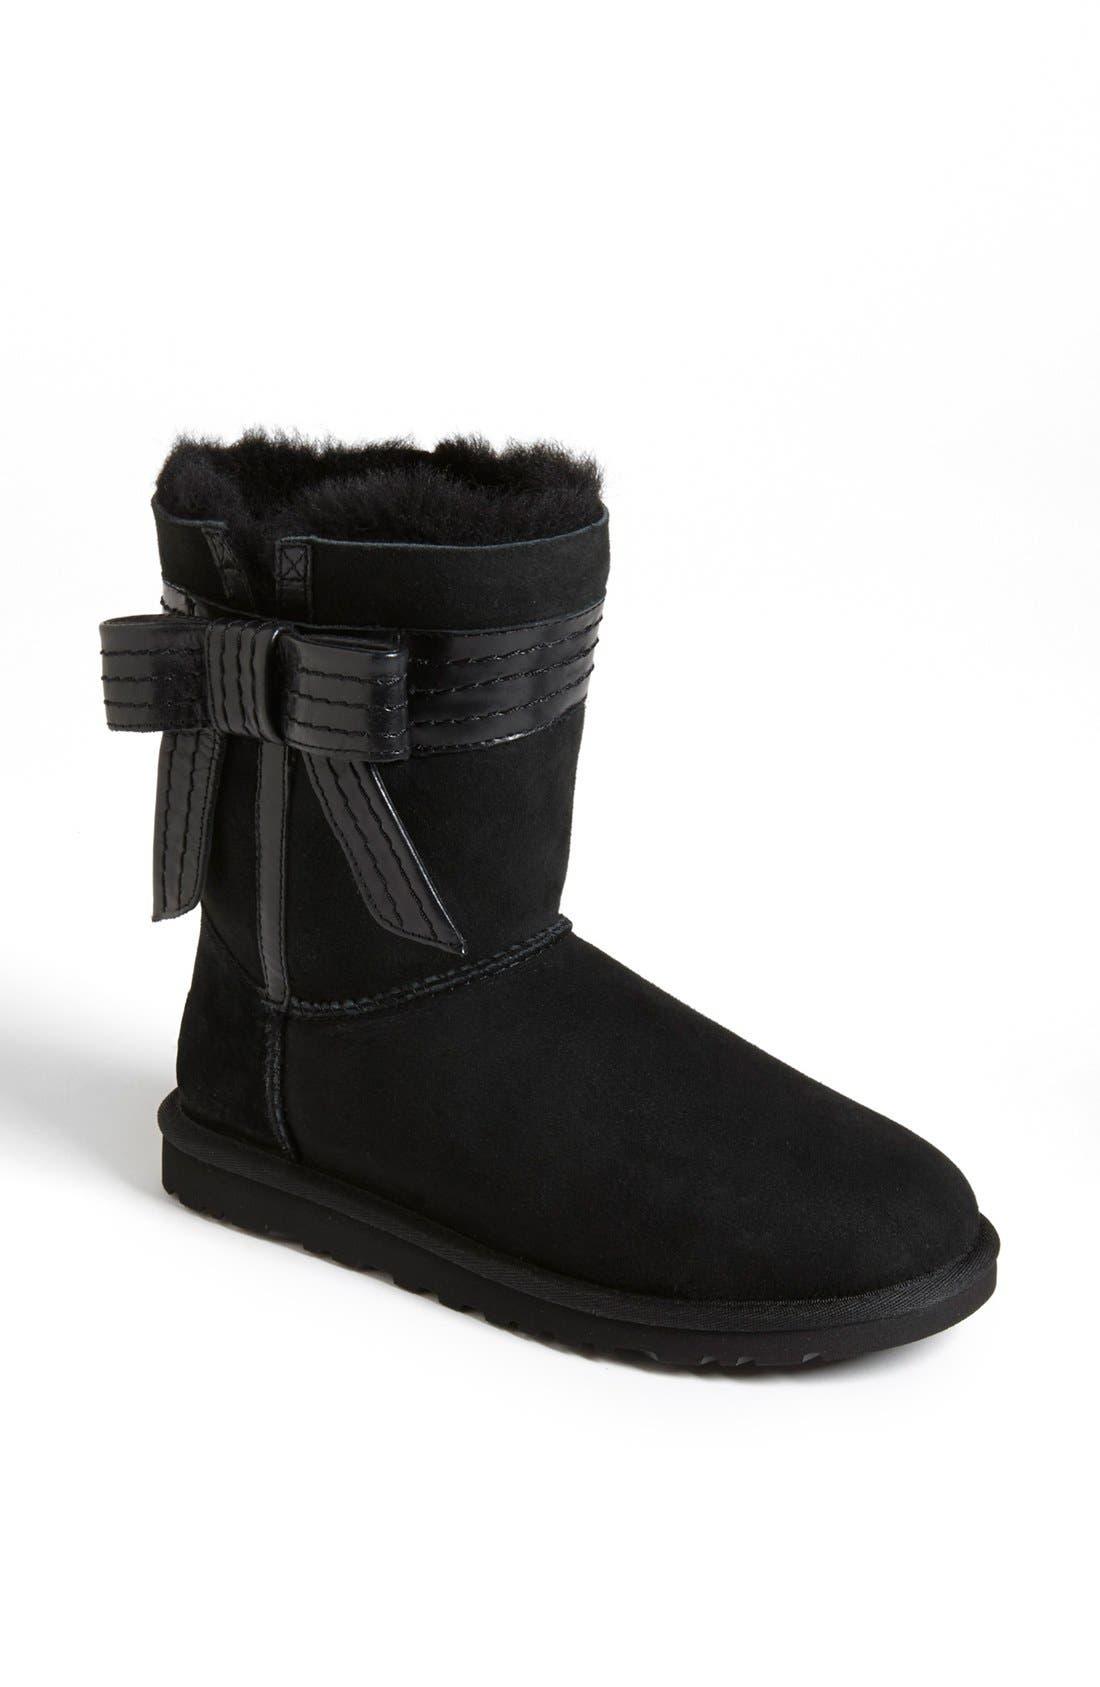 Alternate Image 1 Selected - UGG® Australia 'Josette' Boot (Women)